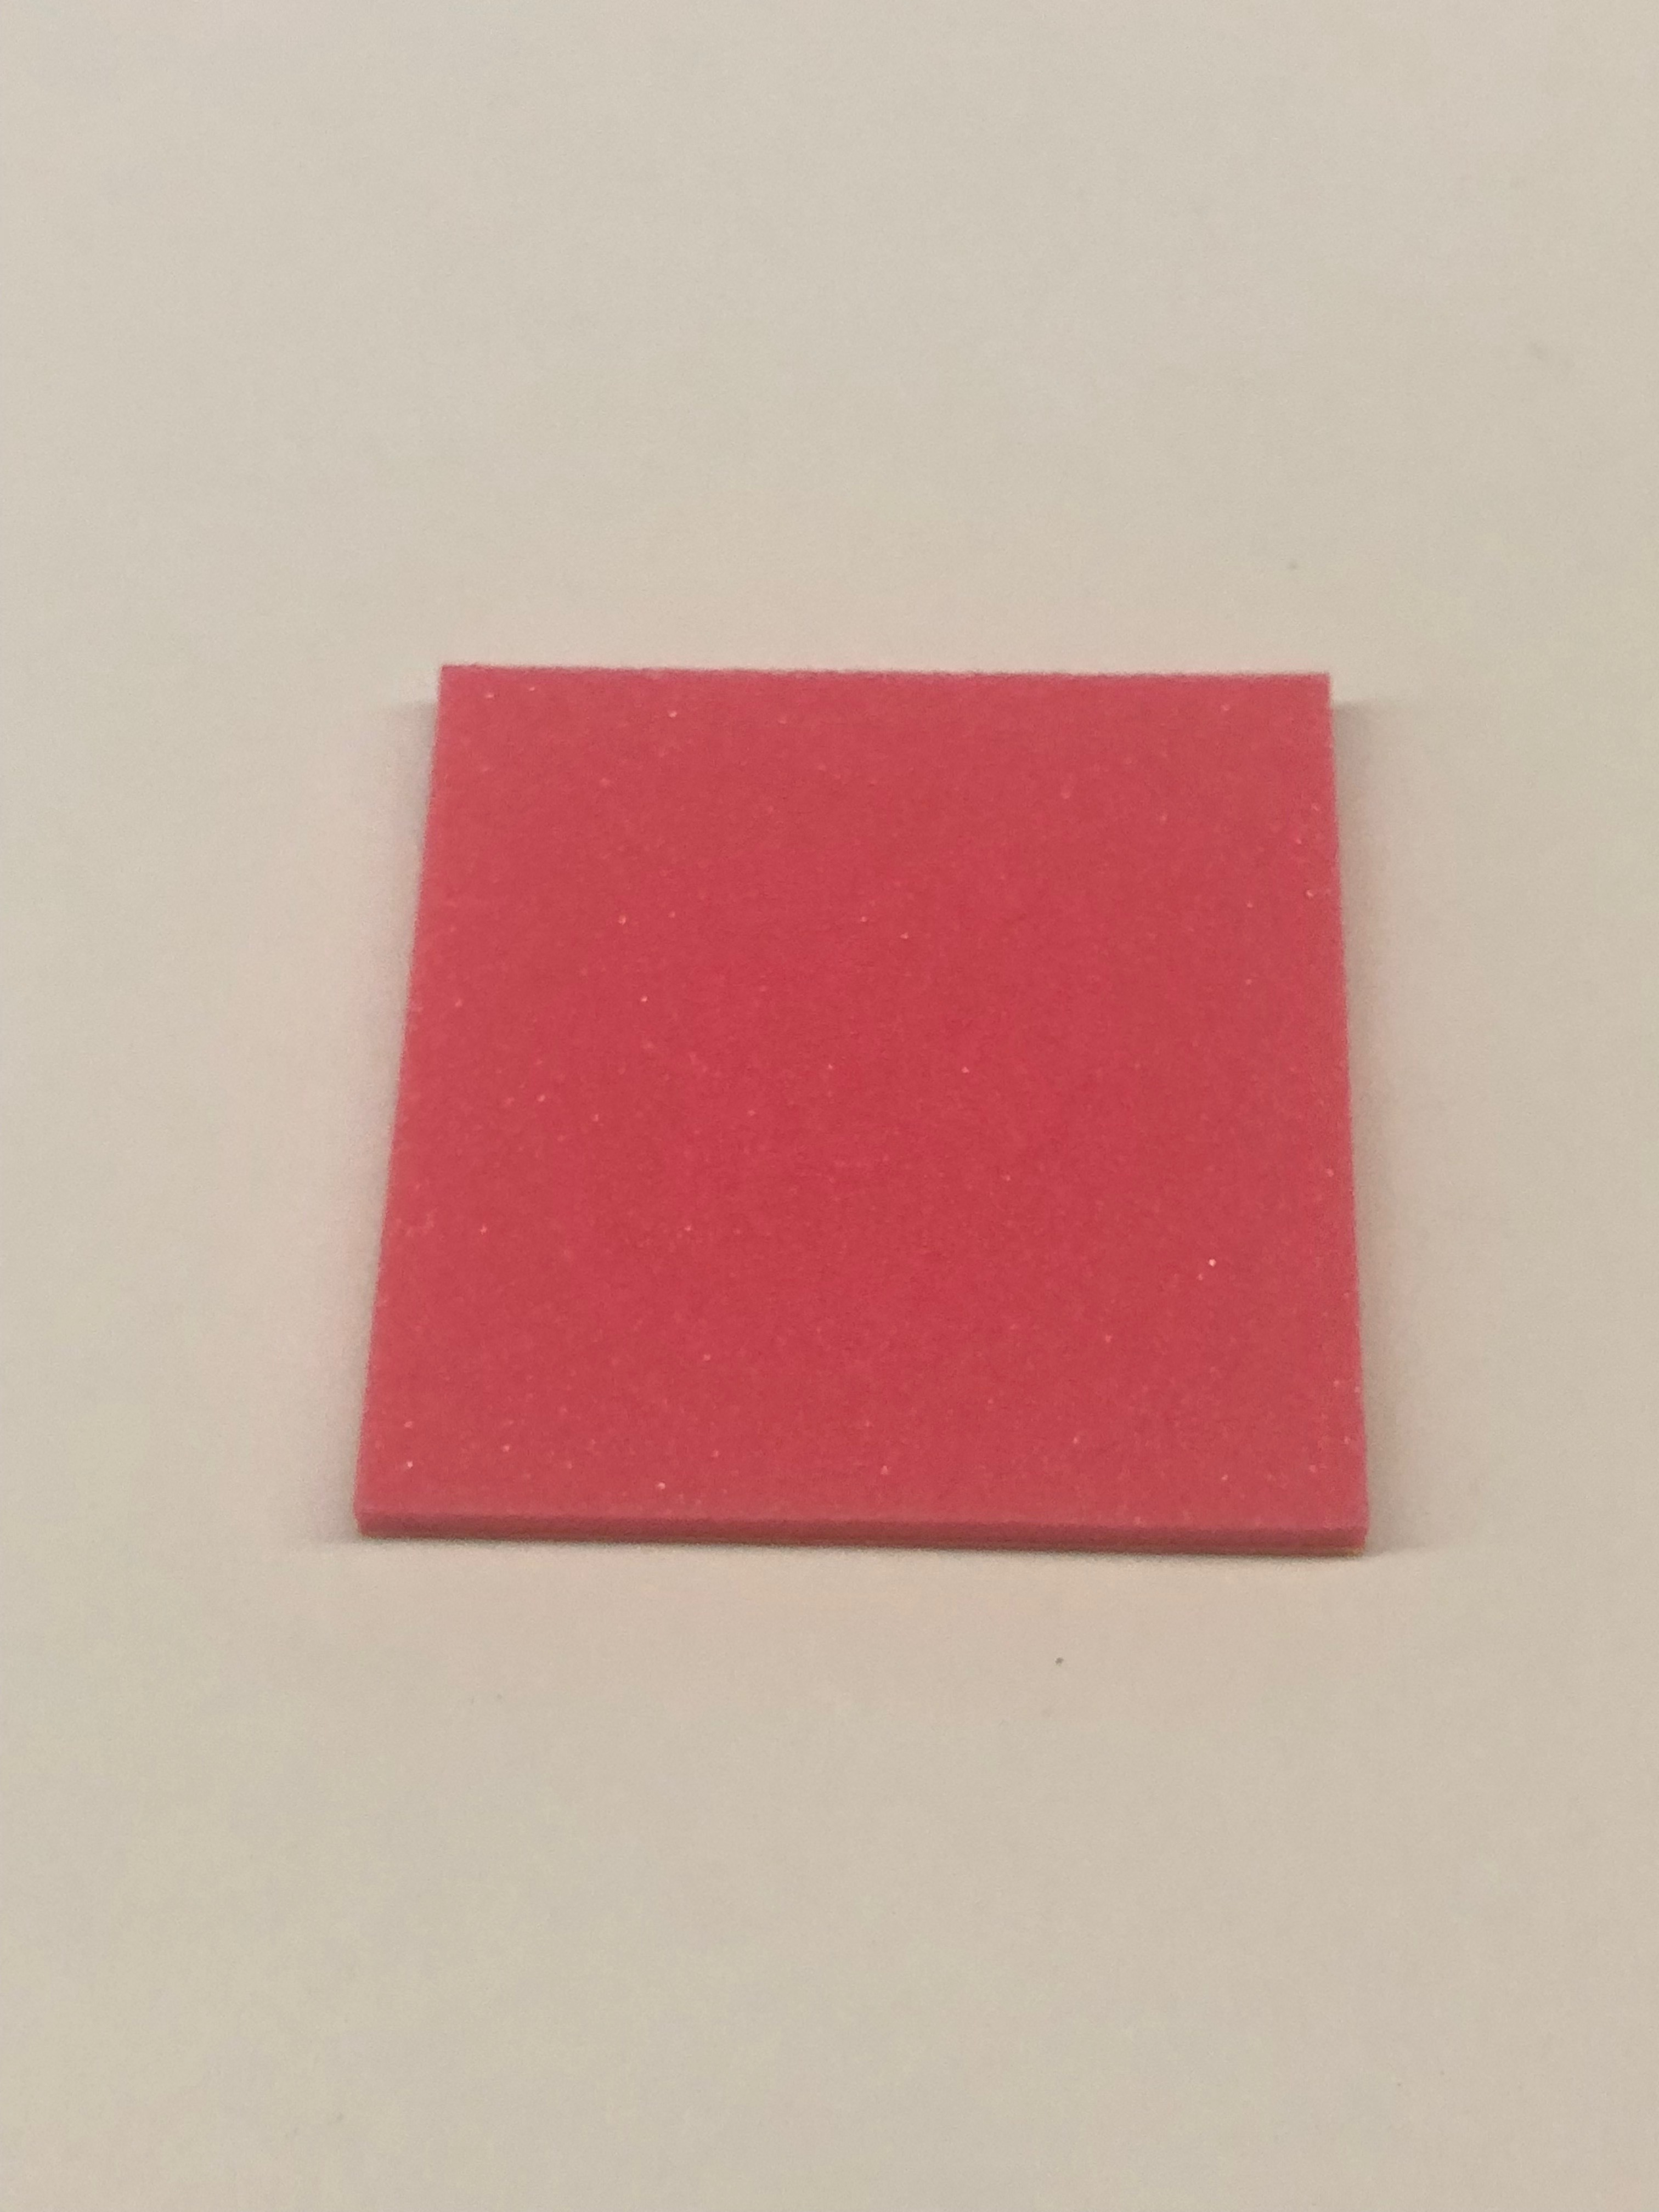 ブレーキスポンジ ピンク3mm 1枚